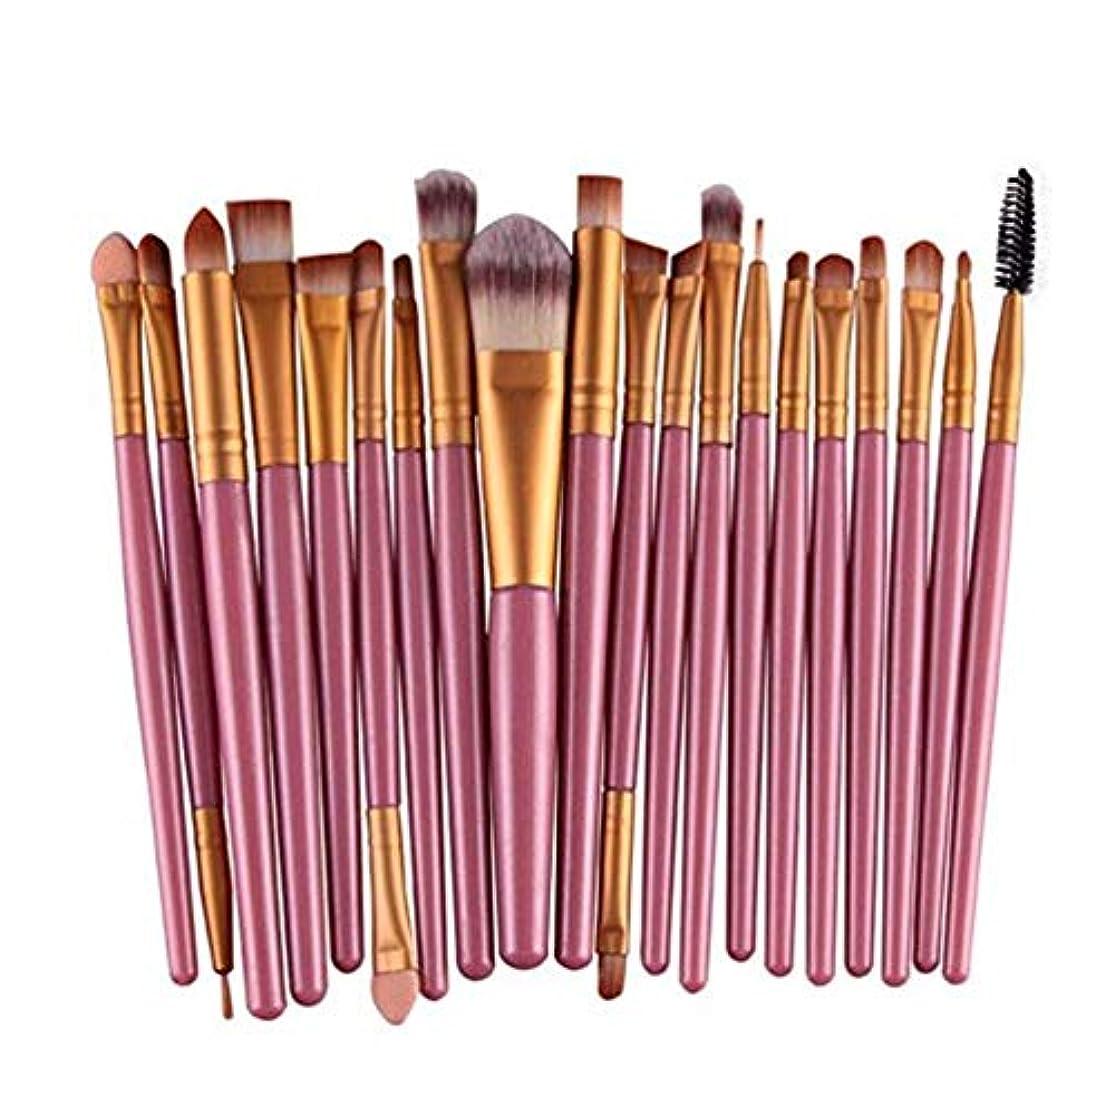 アーネストシャクルトンピュー島アイシャドウブラシセット20ピース化粧アイブラシアイシャドウブレンドブラシアイブロウアイライナーリップブラシ美容ブラシ、ギフトに最適 (Color : Pink)